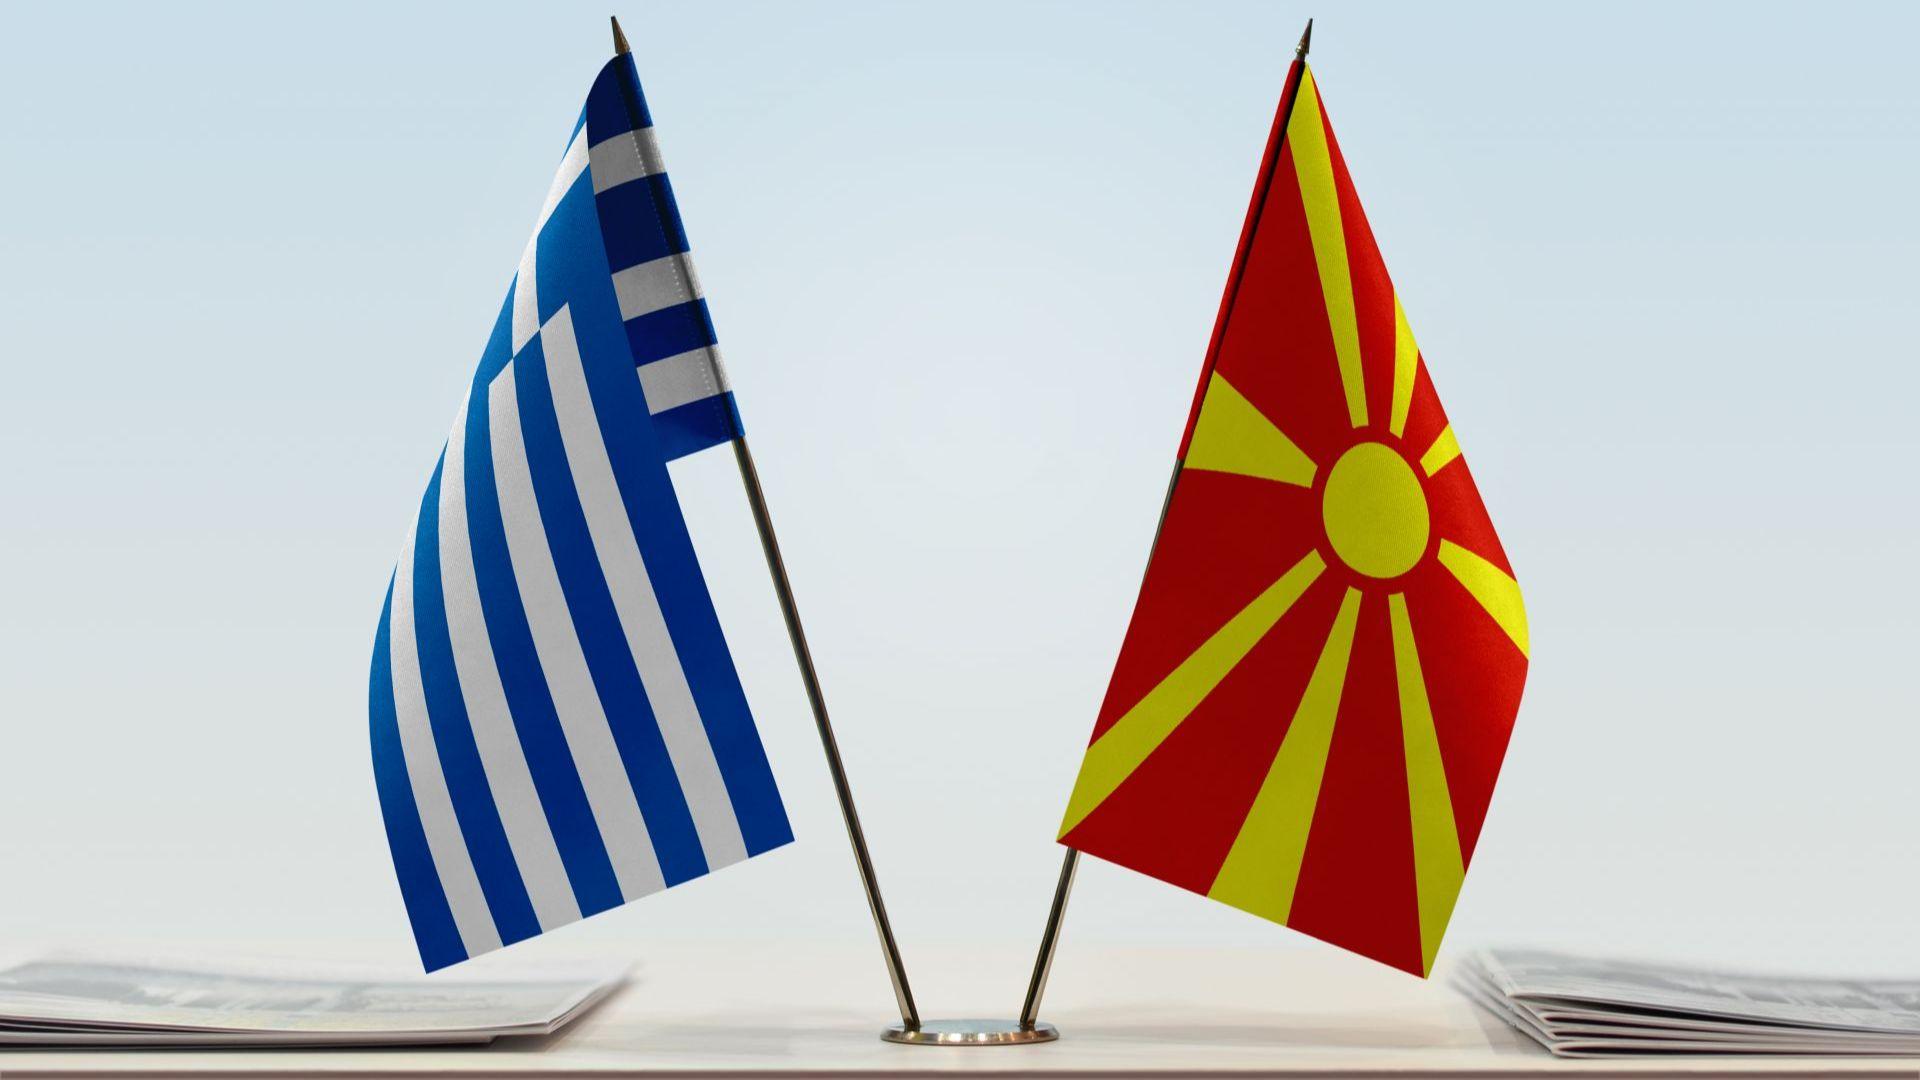 Един съвсем небезобиден спор: Има ли македонци в Гърция?